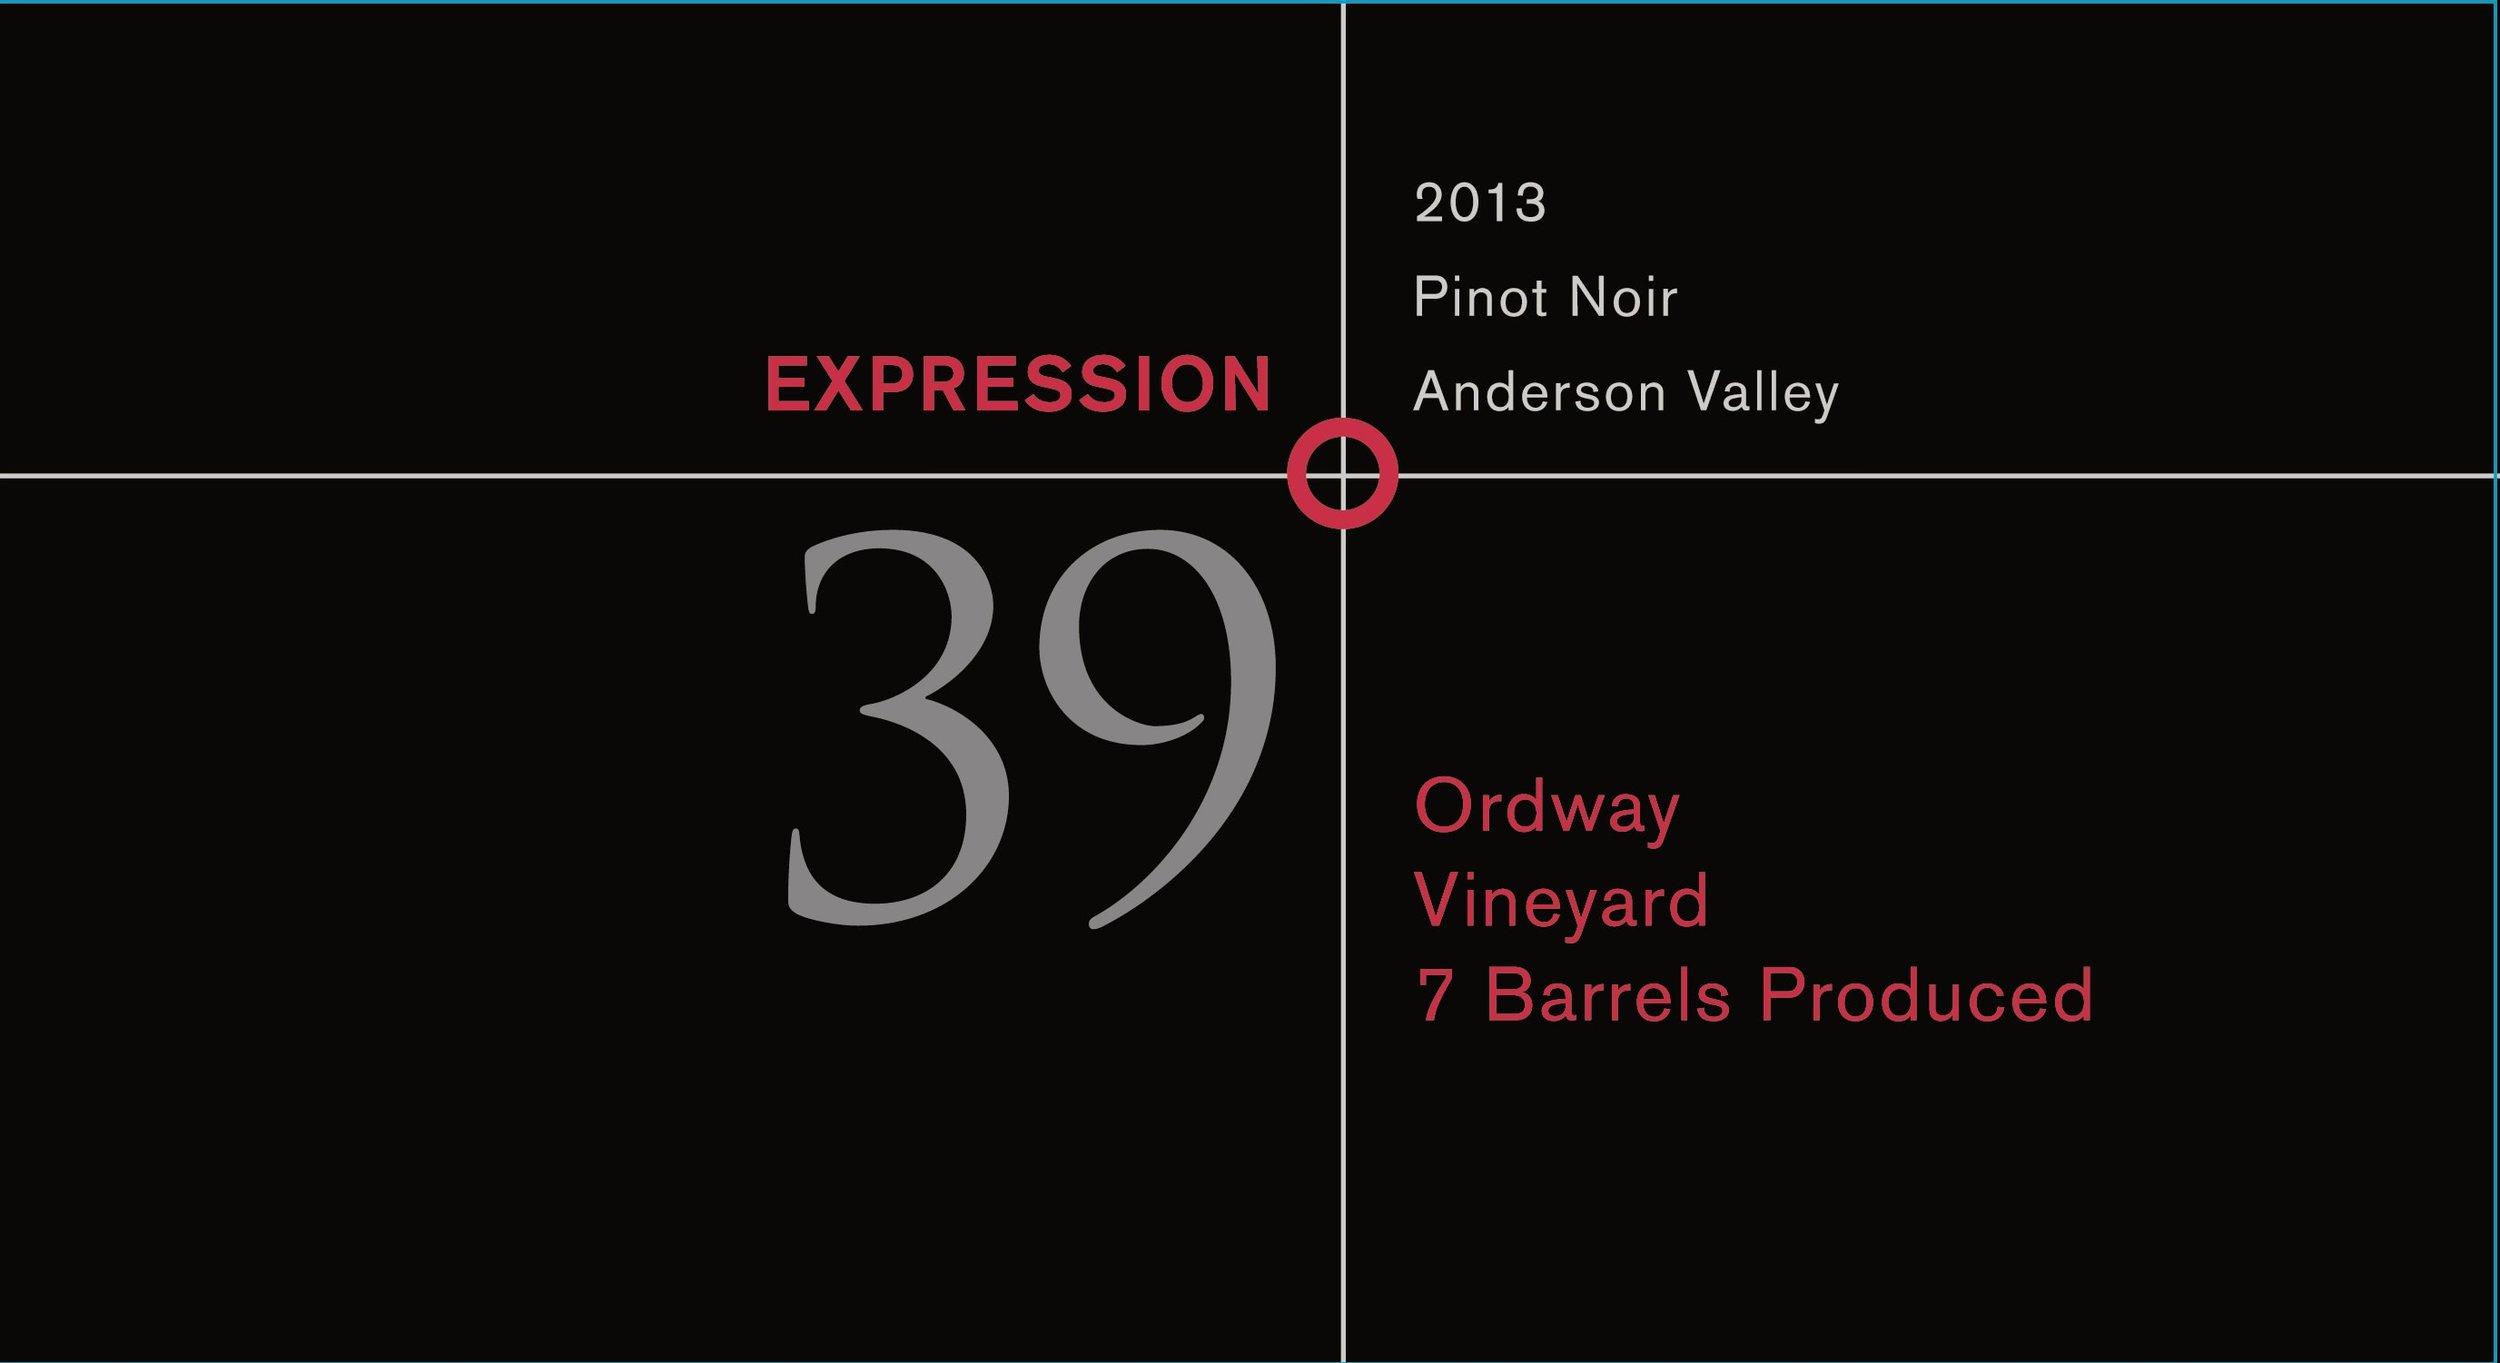 2013 Ordway Vineyard Pinot Noir